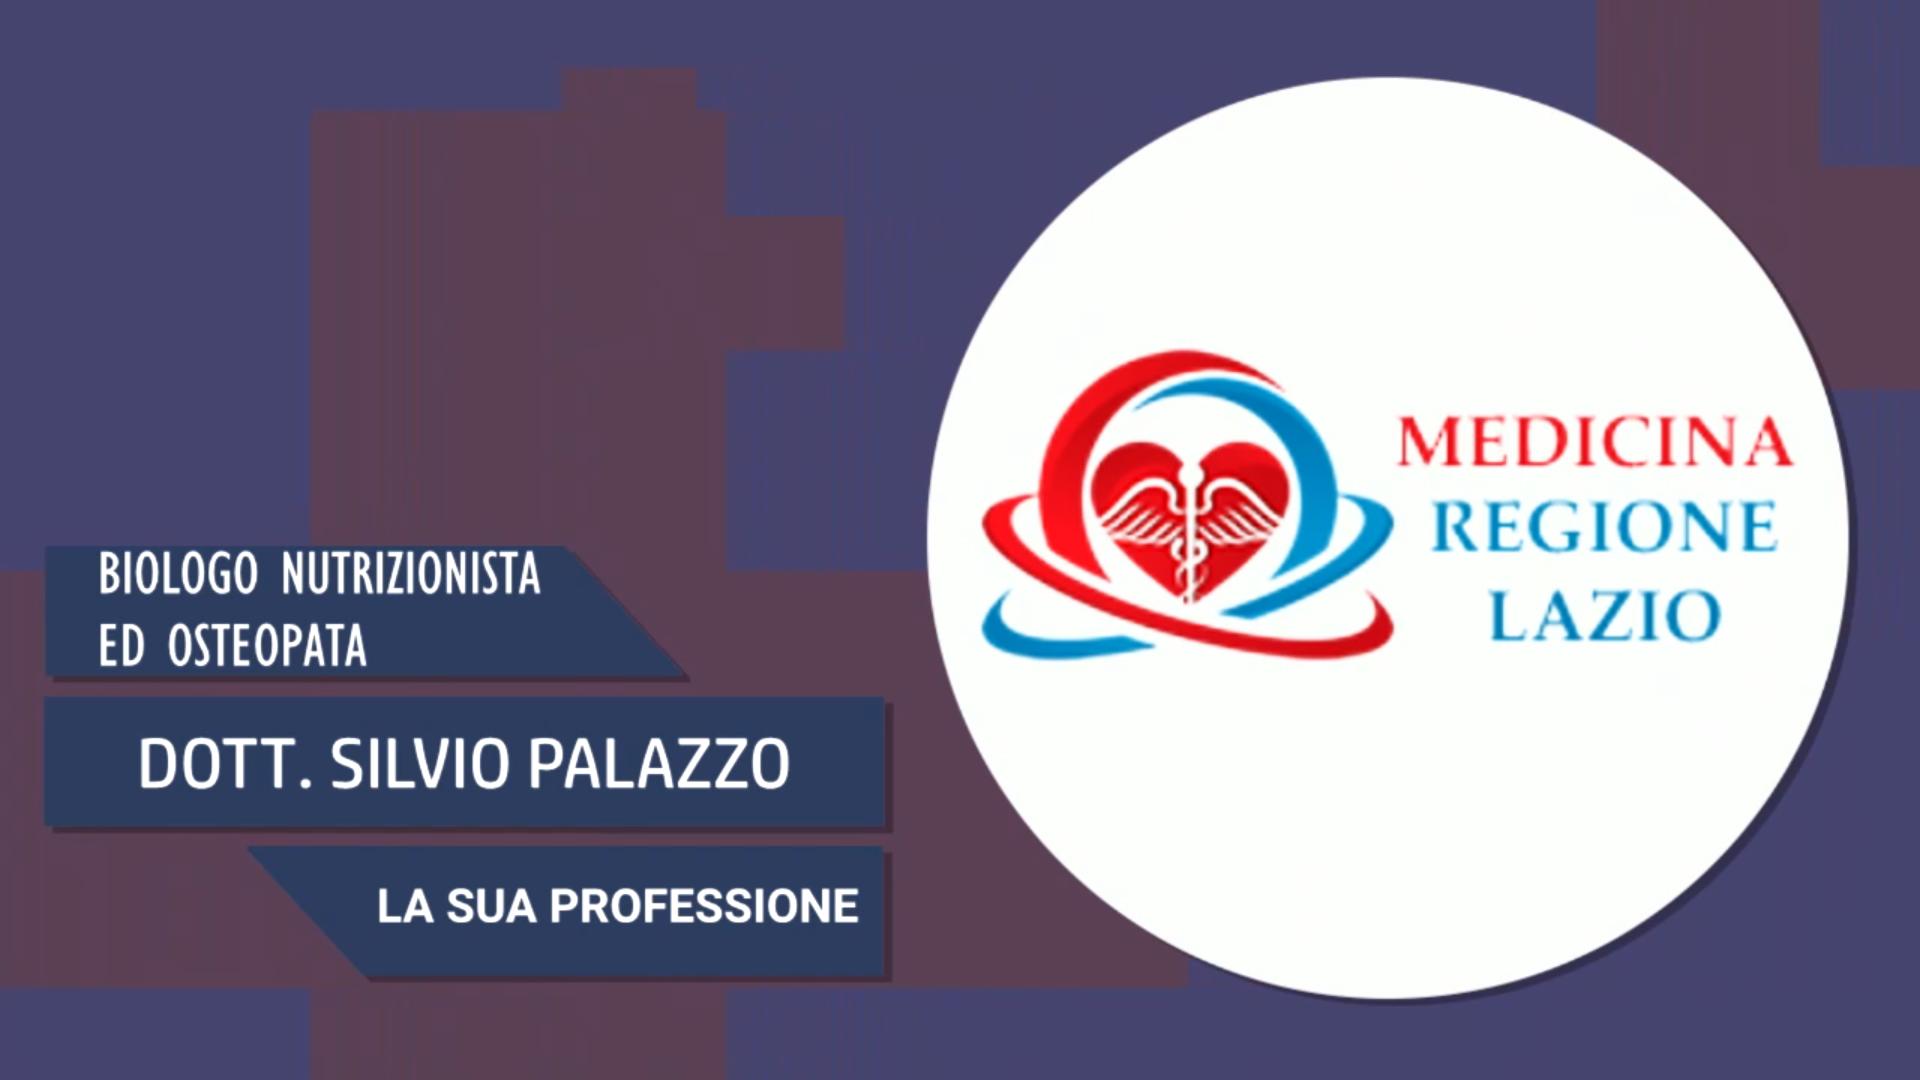 Intervista al Dott. Silvio Palazzo – La sua professione